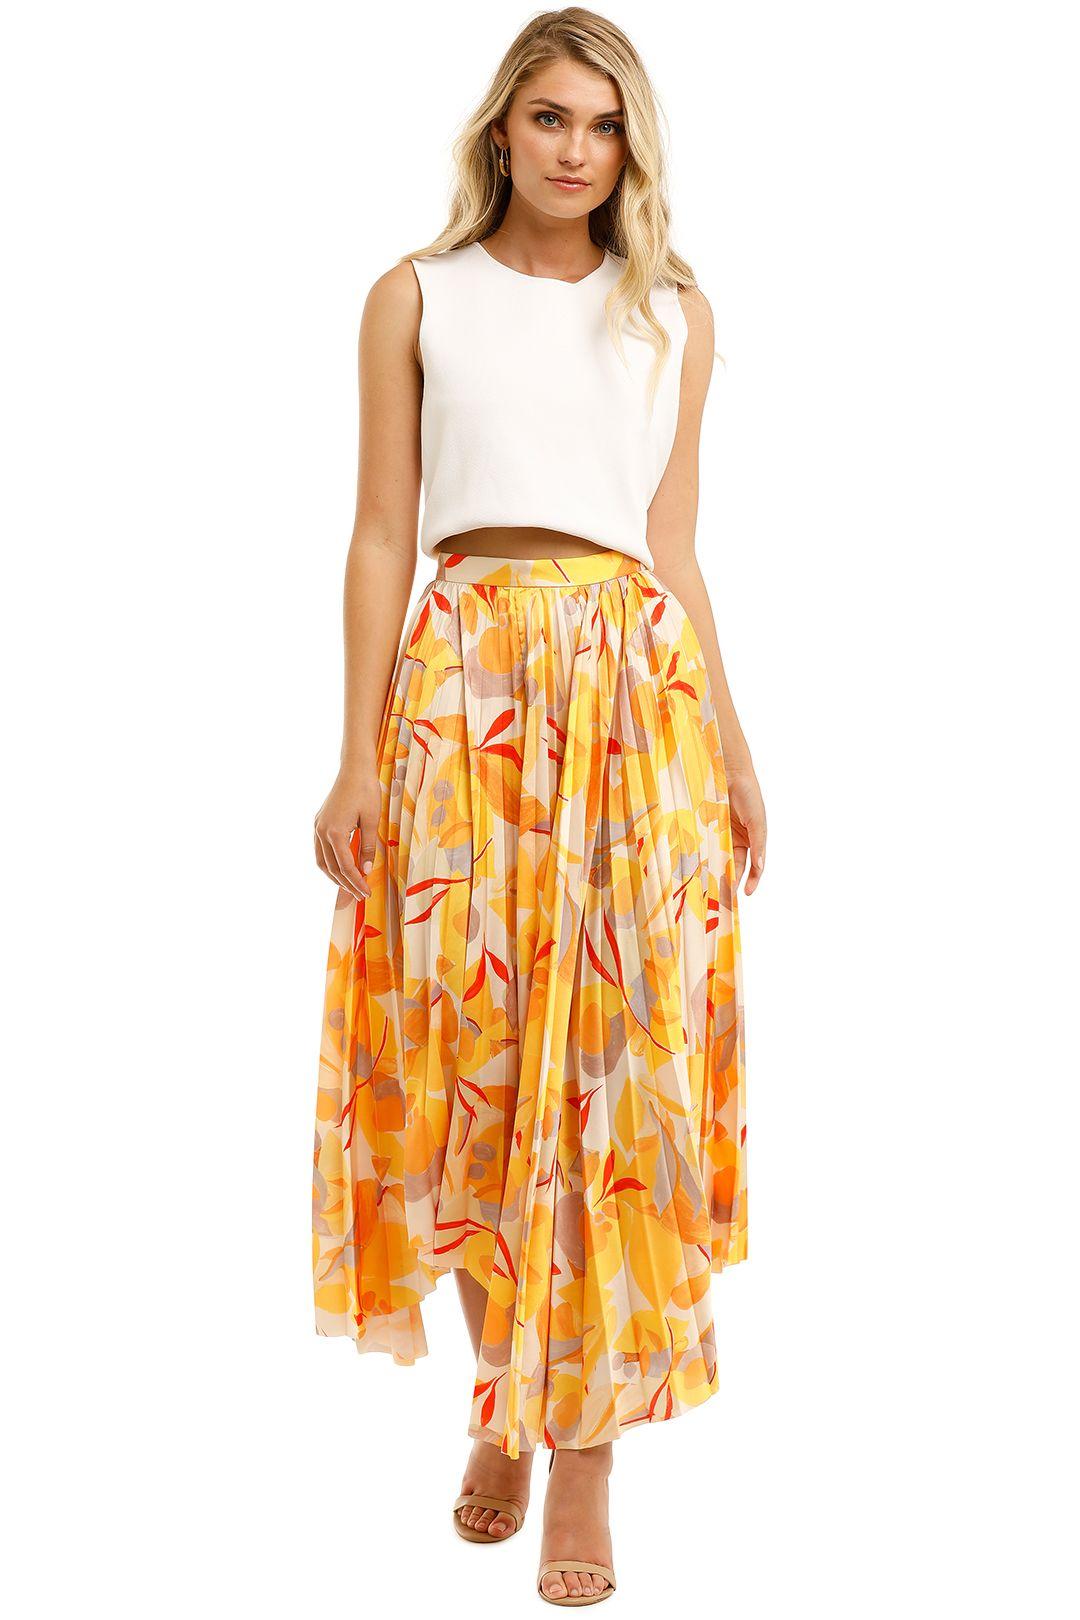 Acler-Hooper-Skirt-Golden-Front